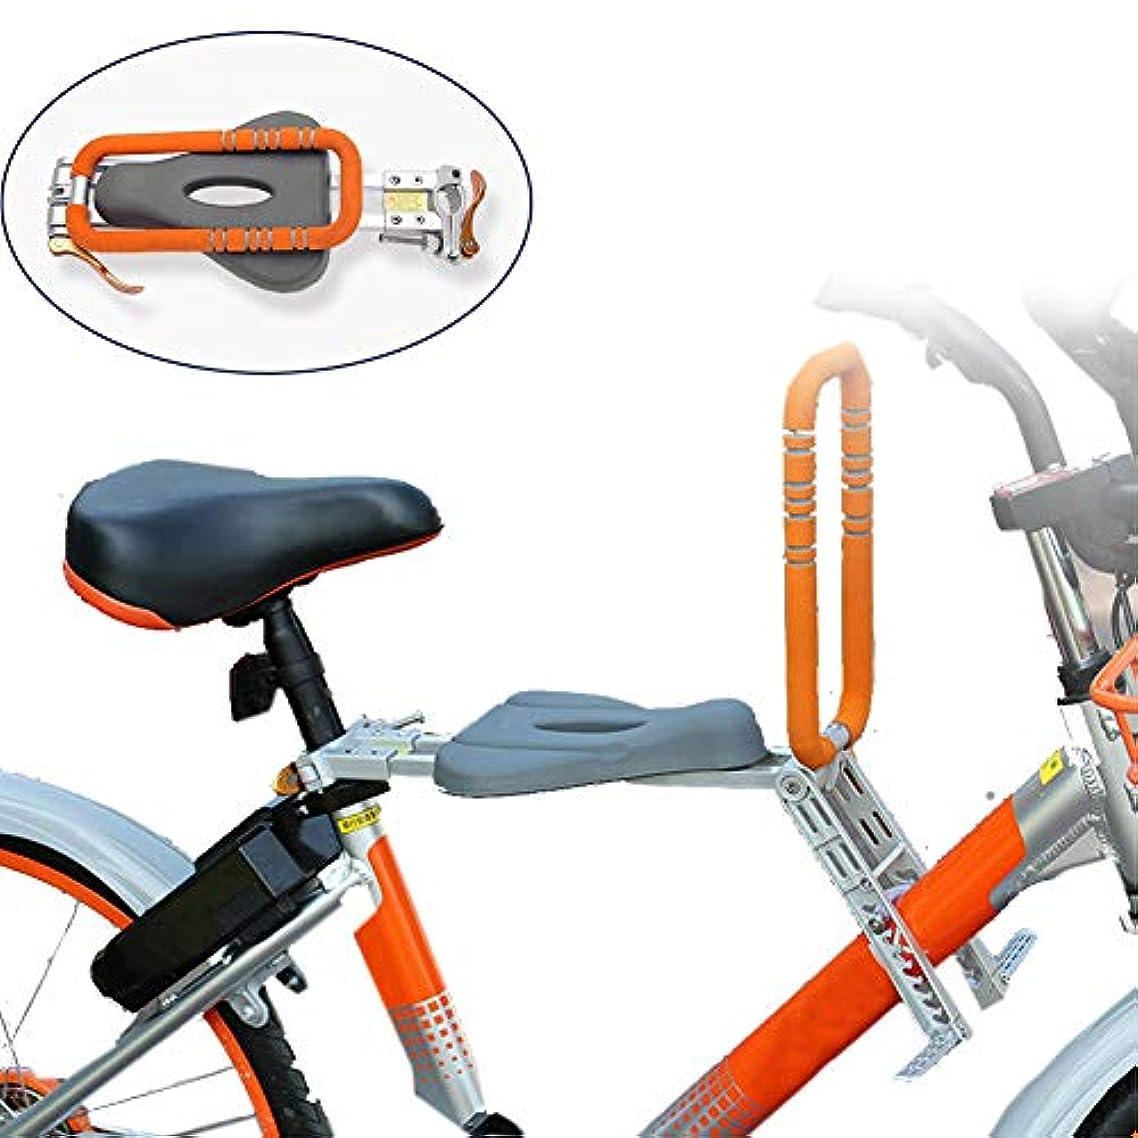 四回大砲暴君折り畳み式自転車フロントチャイルドシート、ポータブル調整可能自転車チャイルドセーフティサドル,オレンジ色